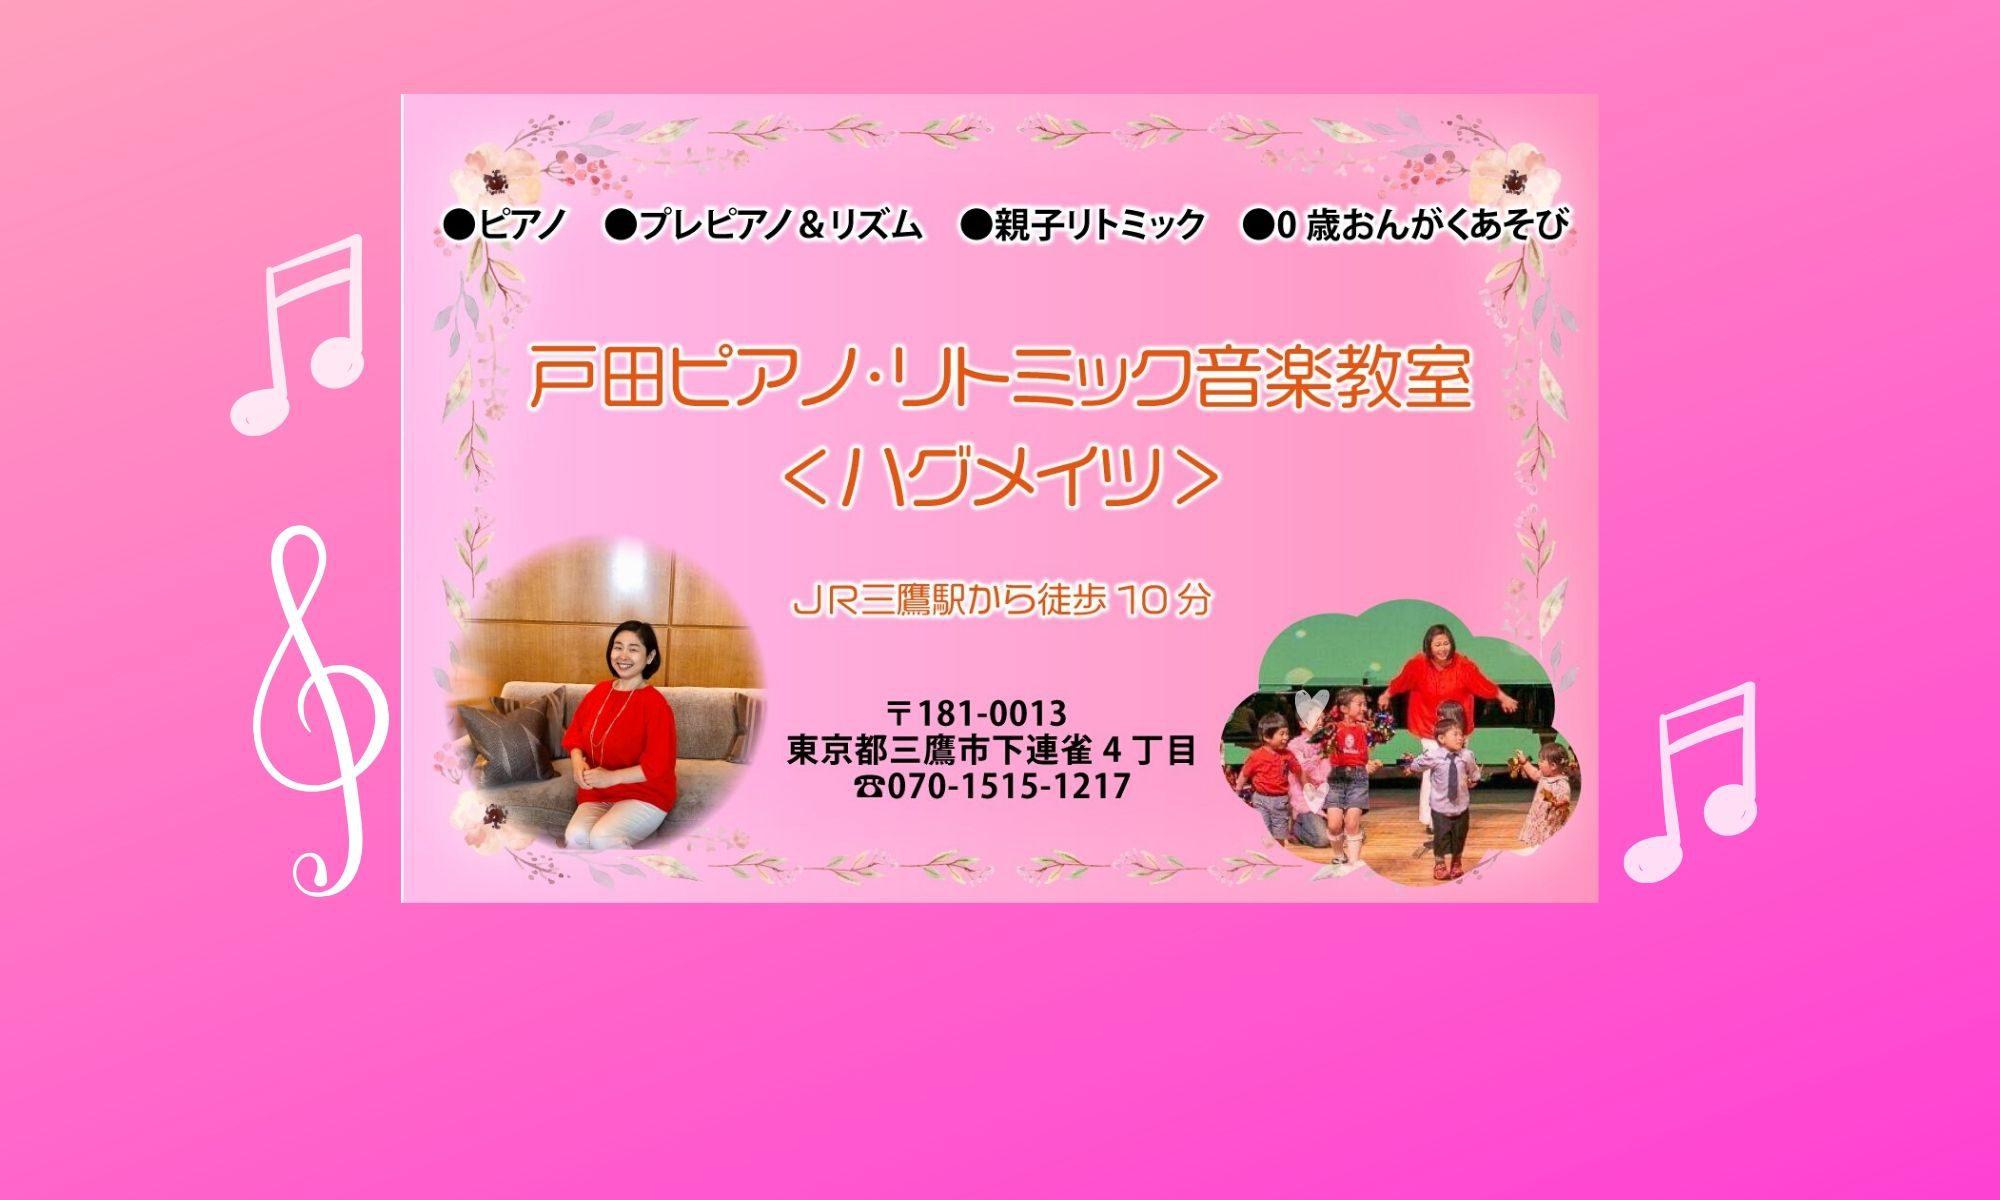 三鷹市 武蔵野市 戸田ピアノ・リトミック